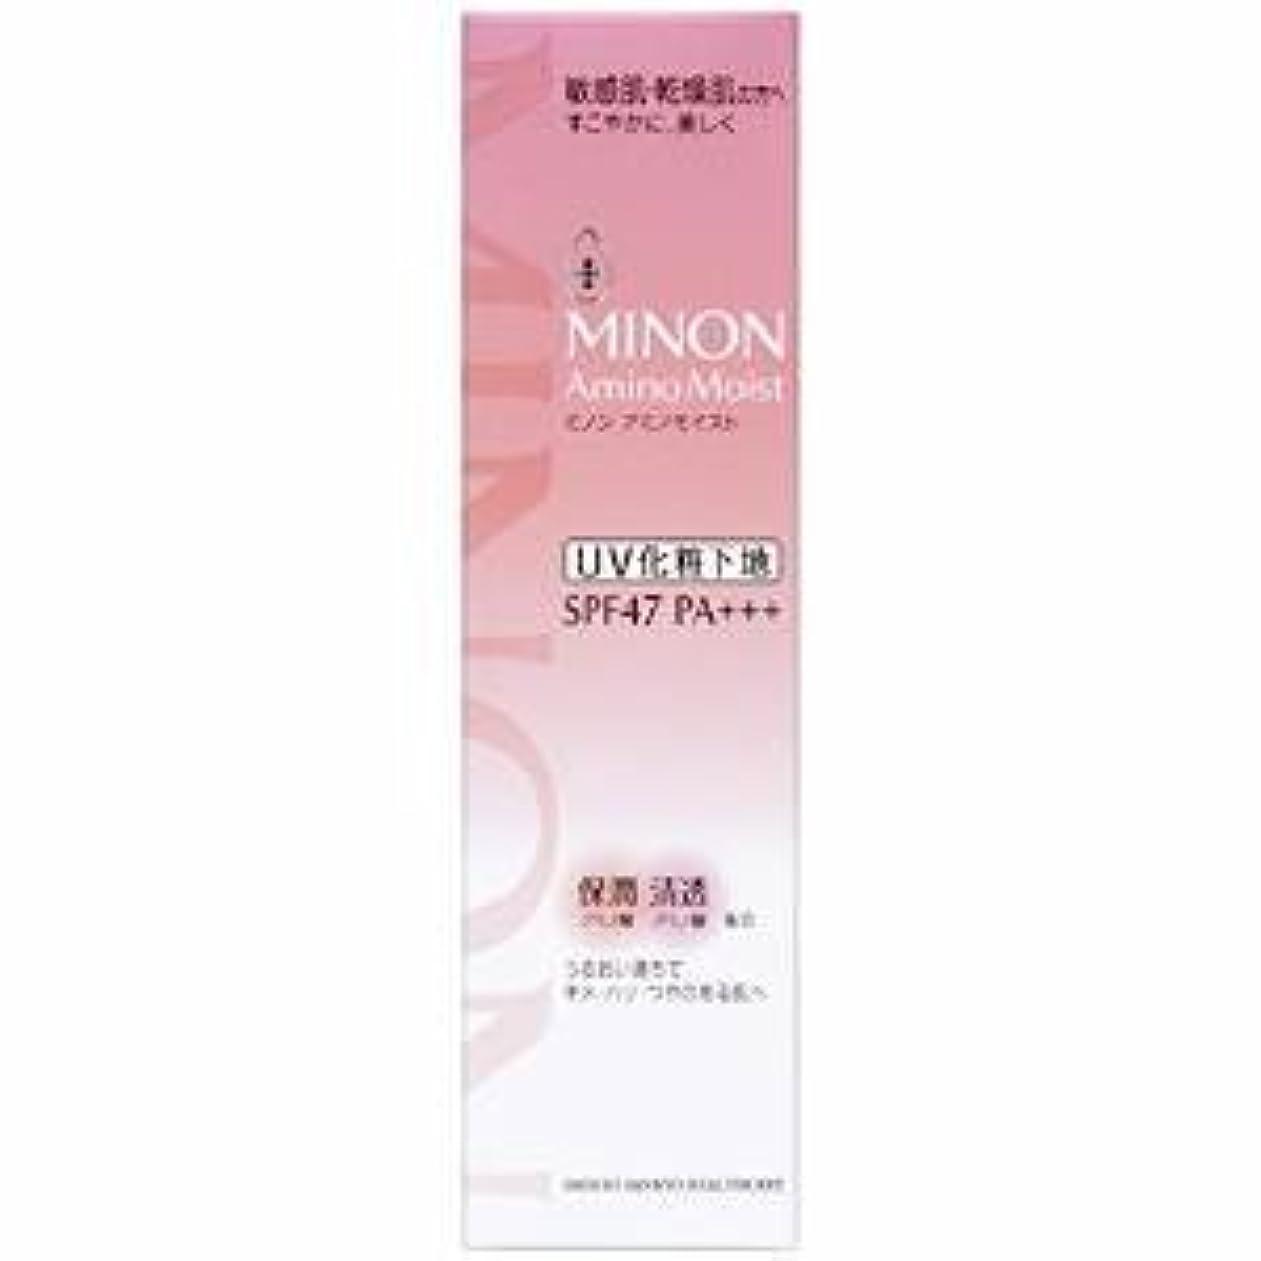 鮮やかな知らせる影響するミノン アミノモイスト ブライトアップベース UV 25g×3個セット(UV化粧下地)